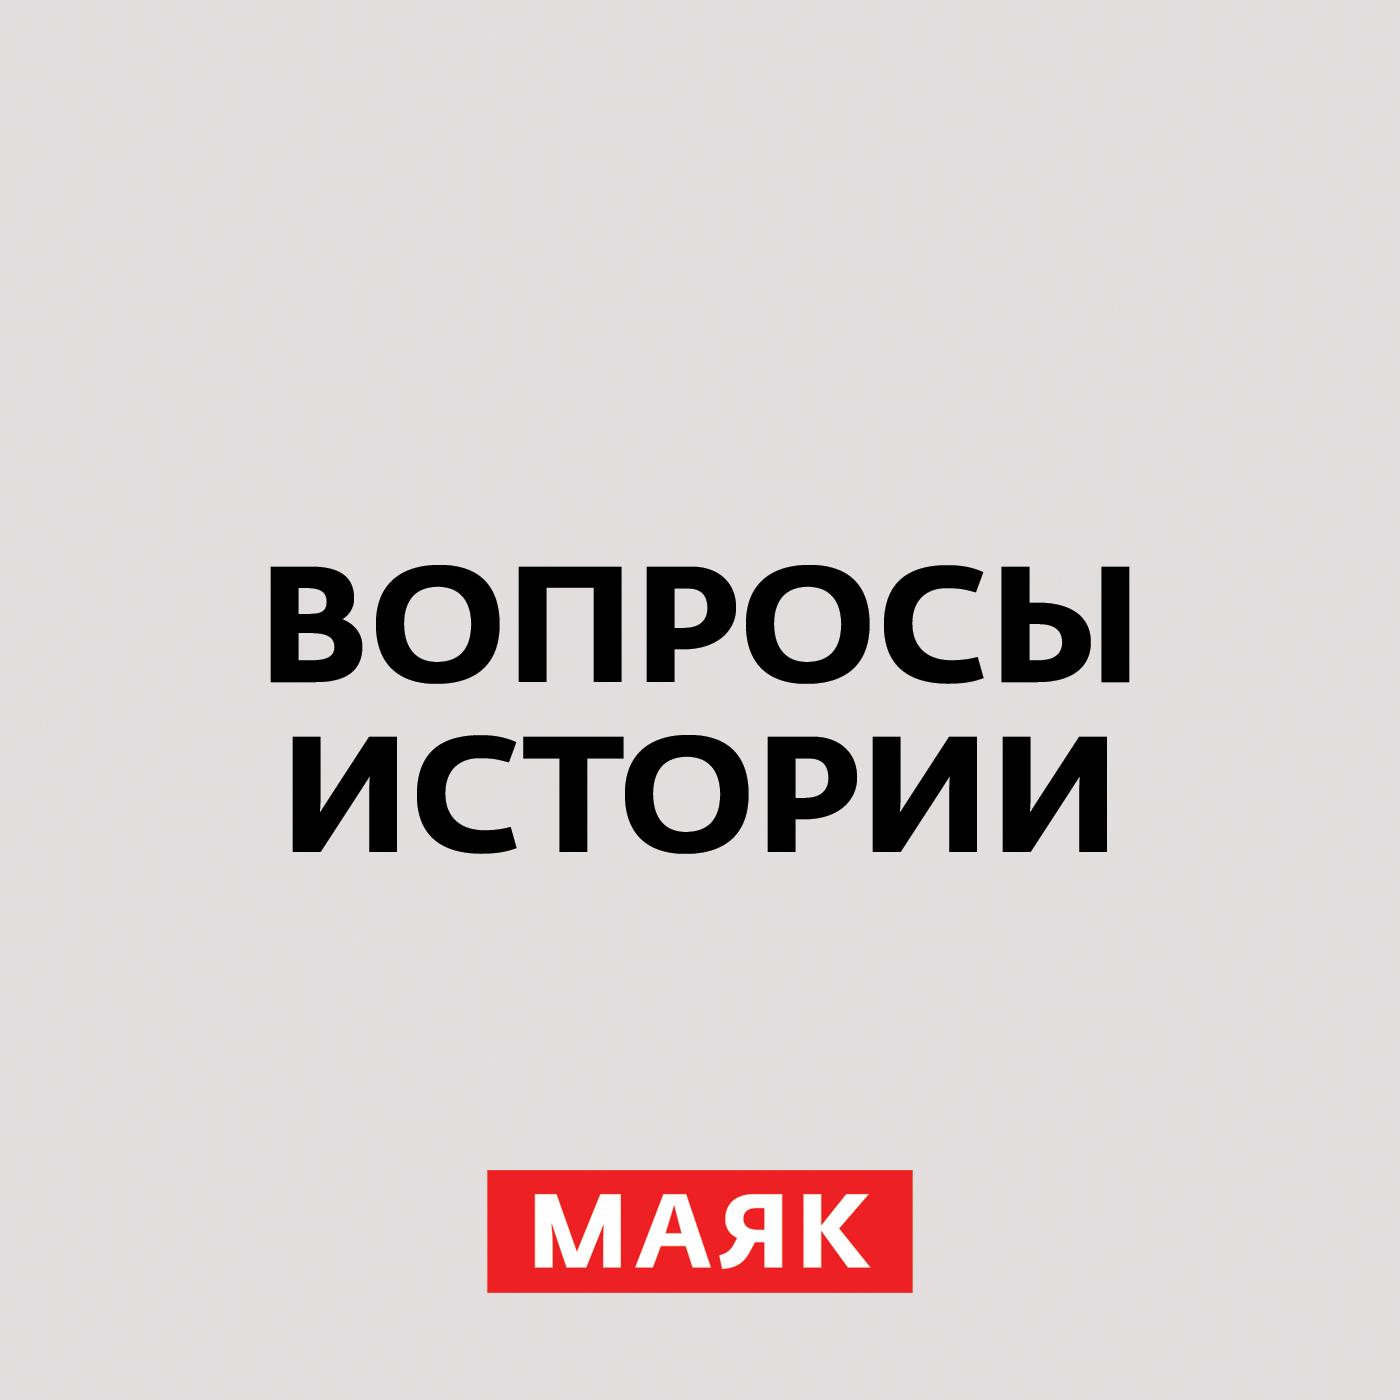 Андрей Светенко Последние дни Третьего рейха: крыс загнали в угол цена